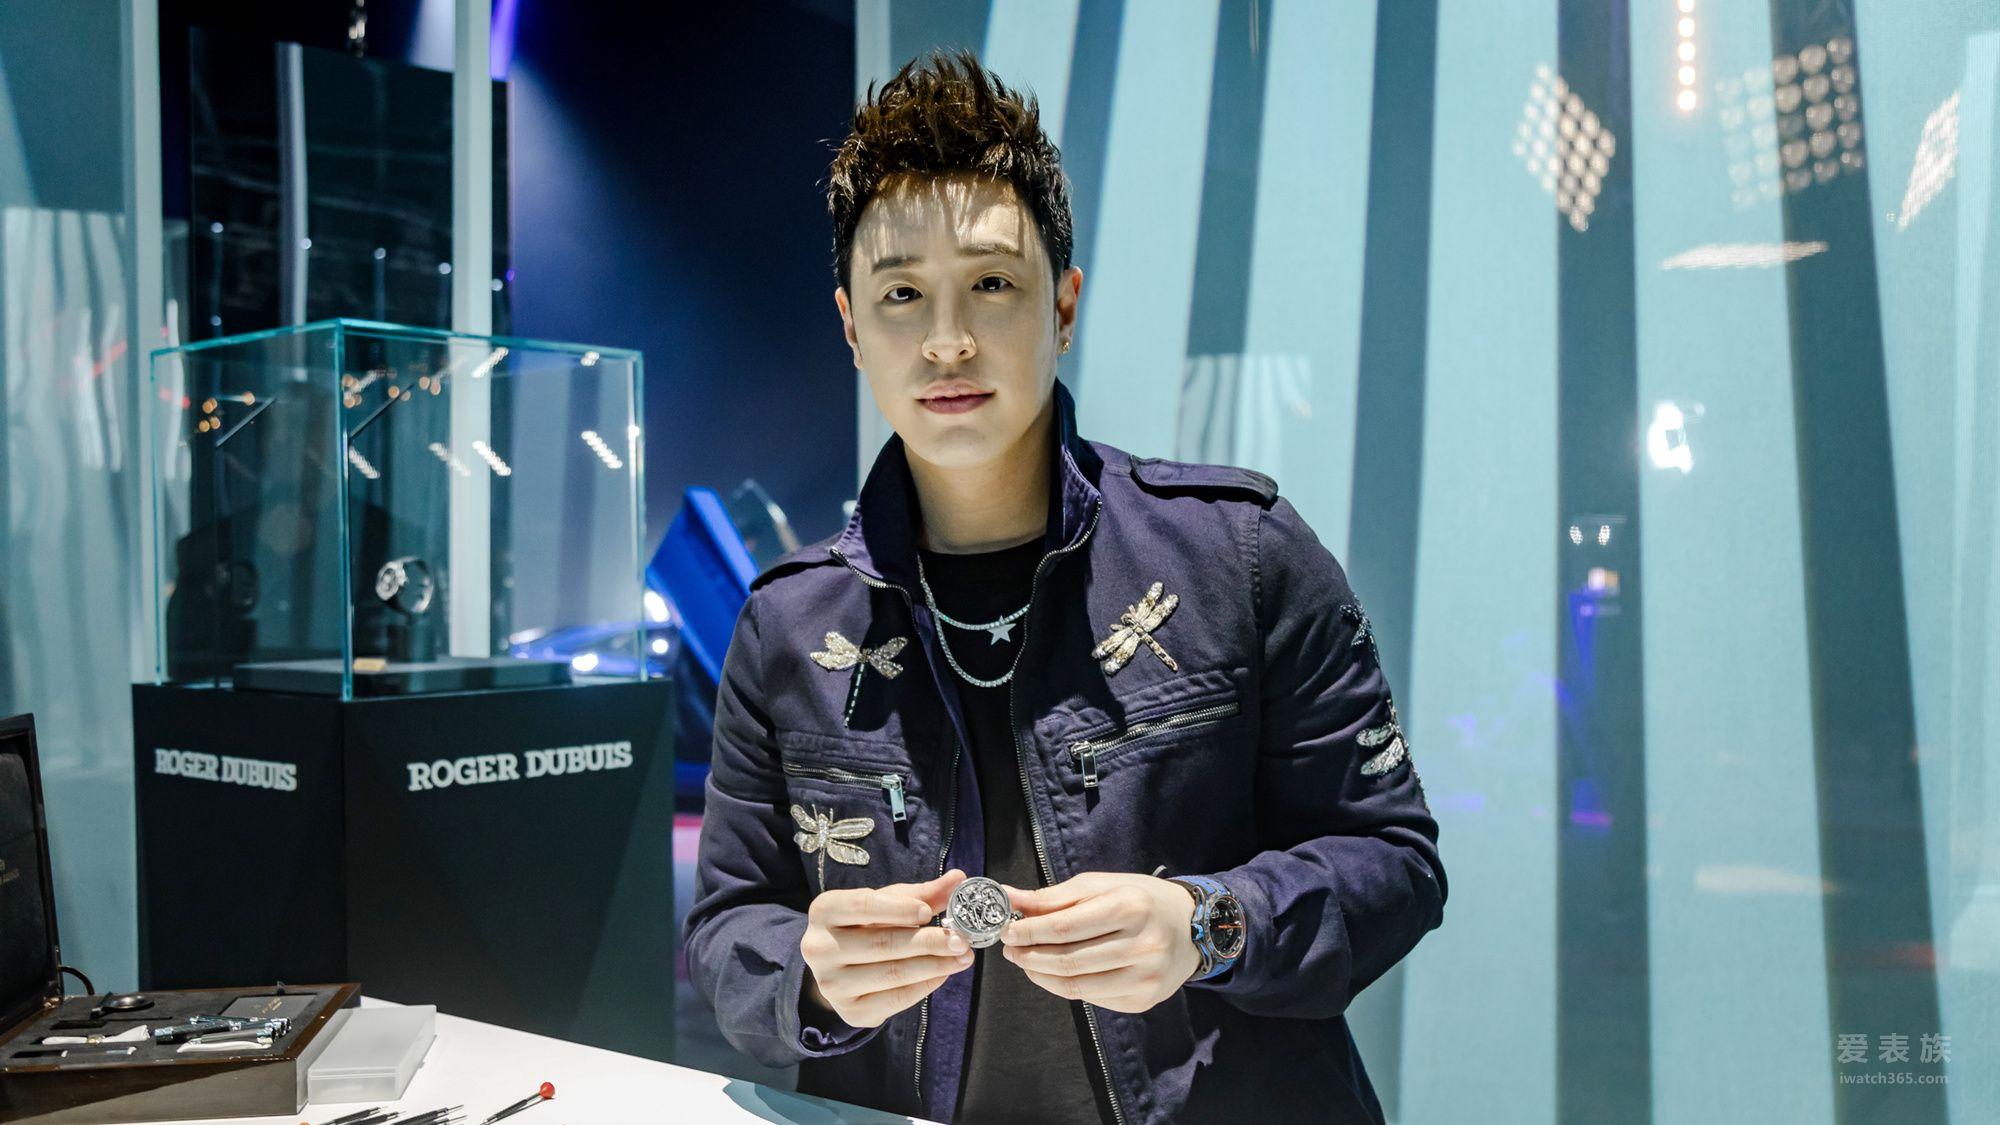 中国台湾说唱歌手潘玮柏佩戴罗杰杜彼腕表来到活动现场